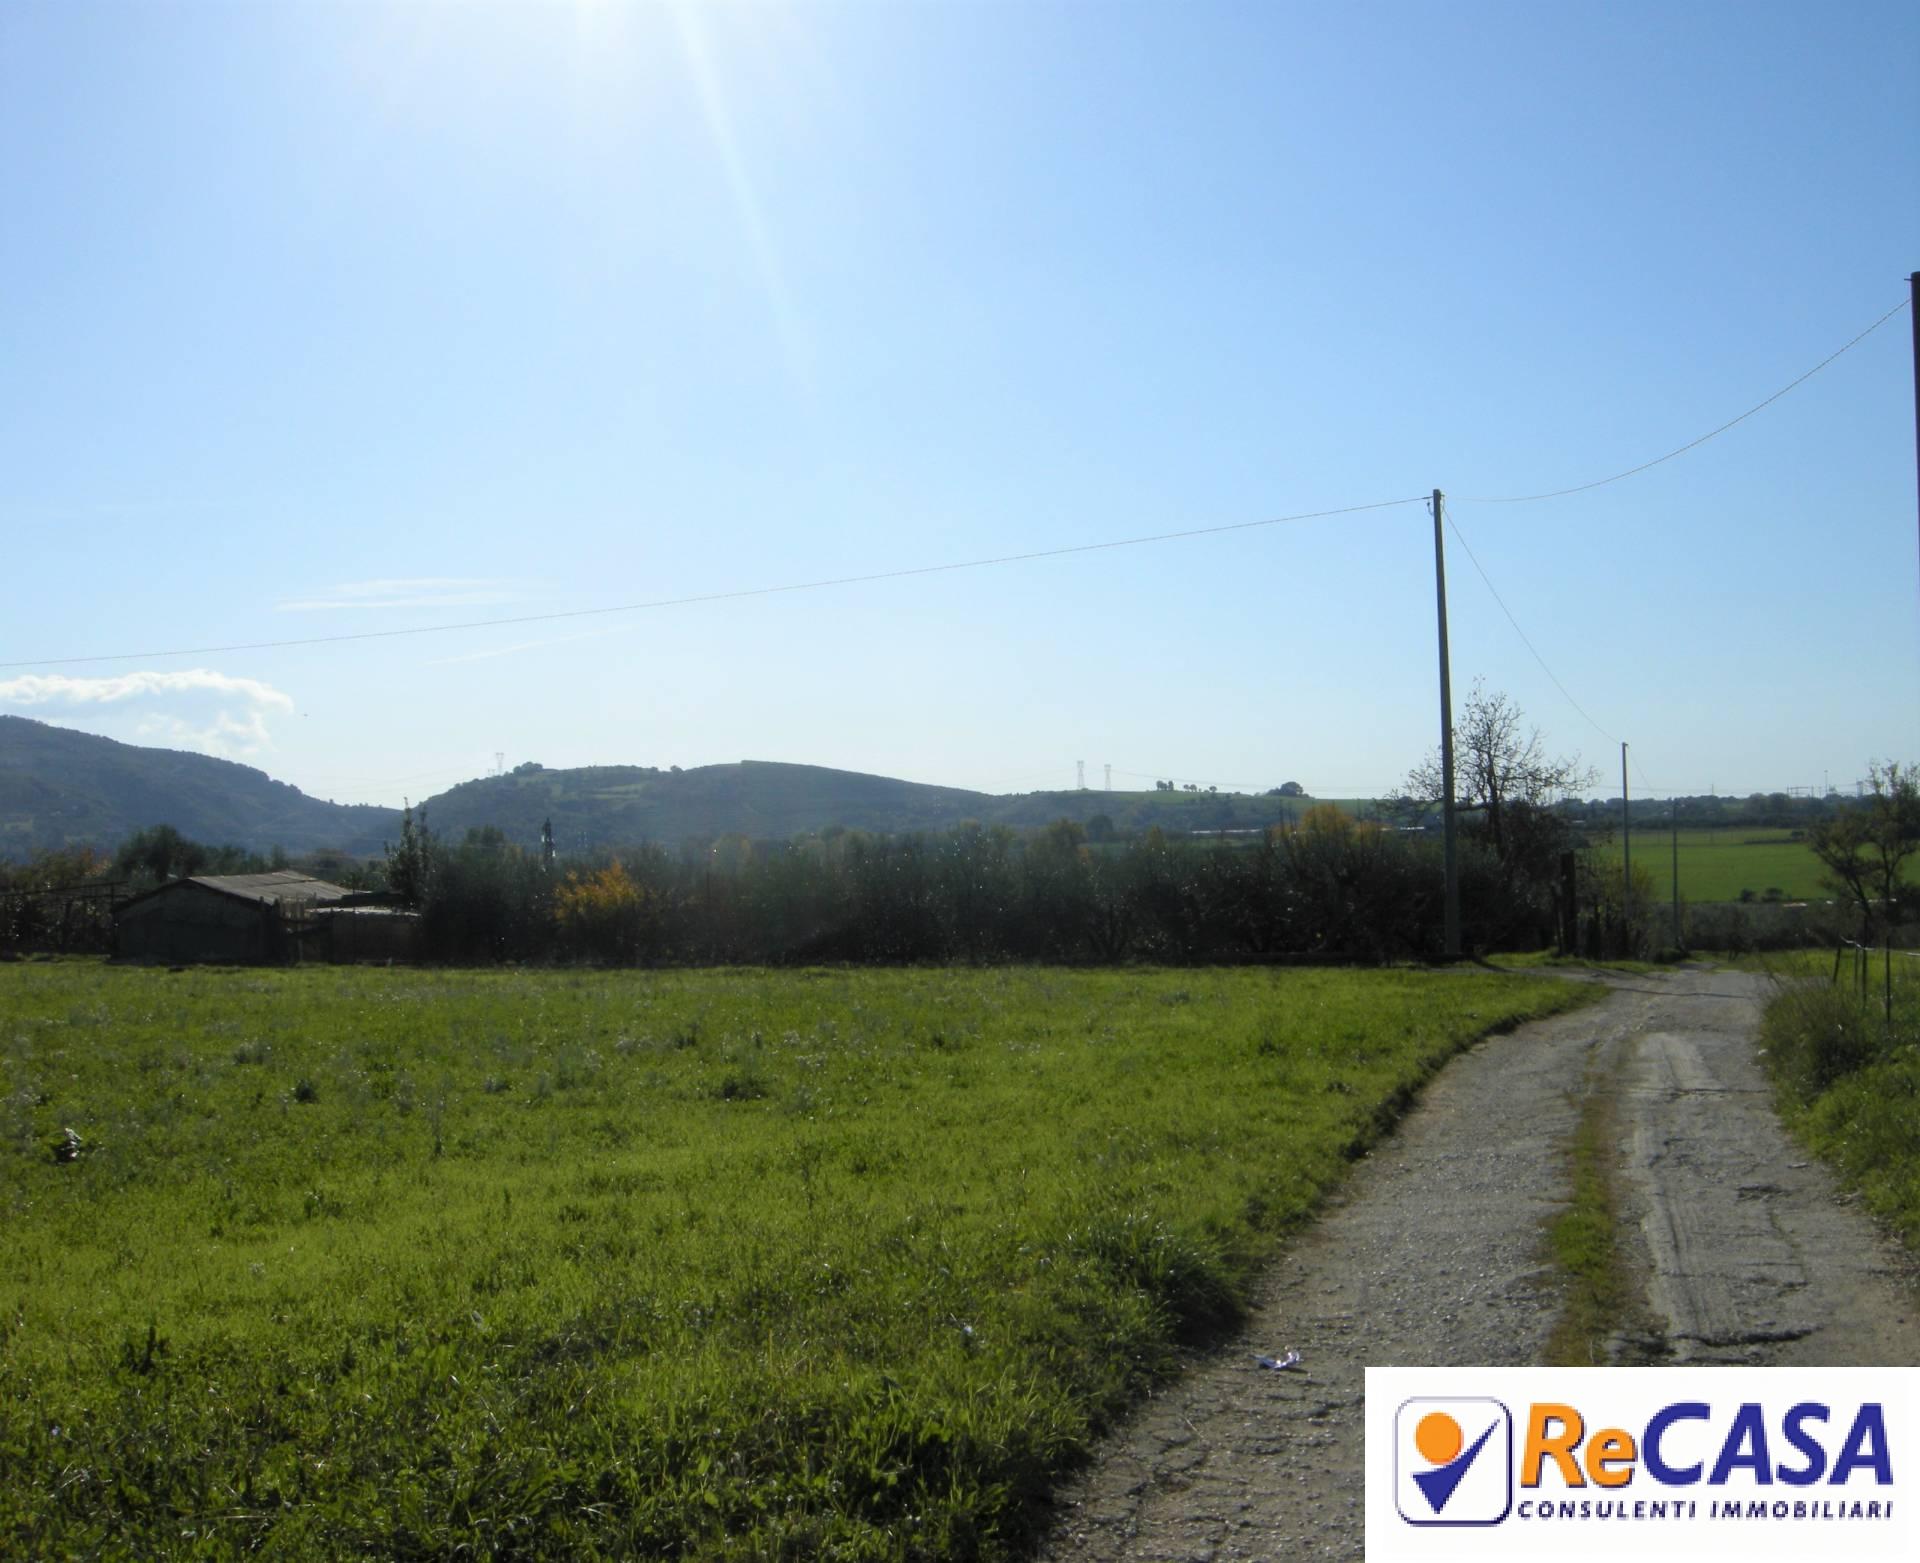 Terreno Agricolo in vendita a Bellizzi, 9999 locali, prezzo € 16.000 | CambioCasa.it